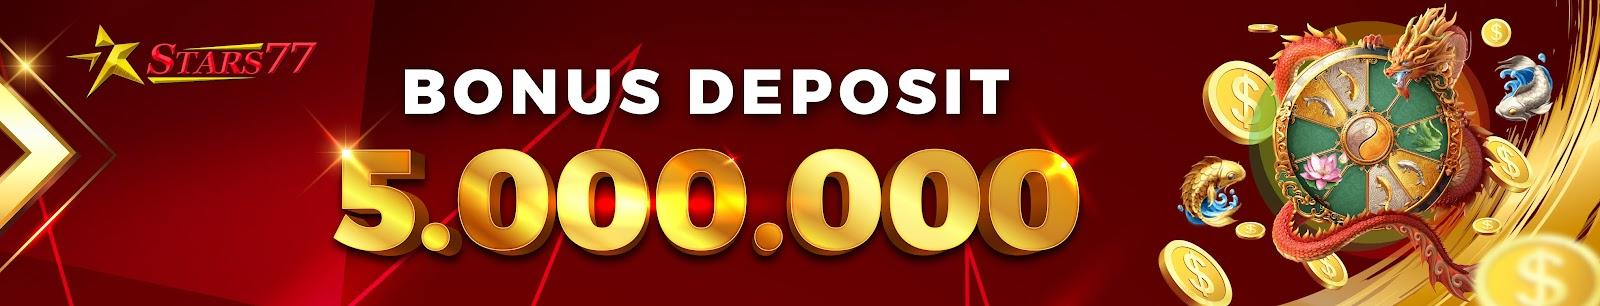 Bonus DEPOSIT IDR 5juta